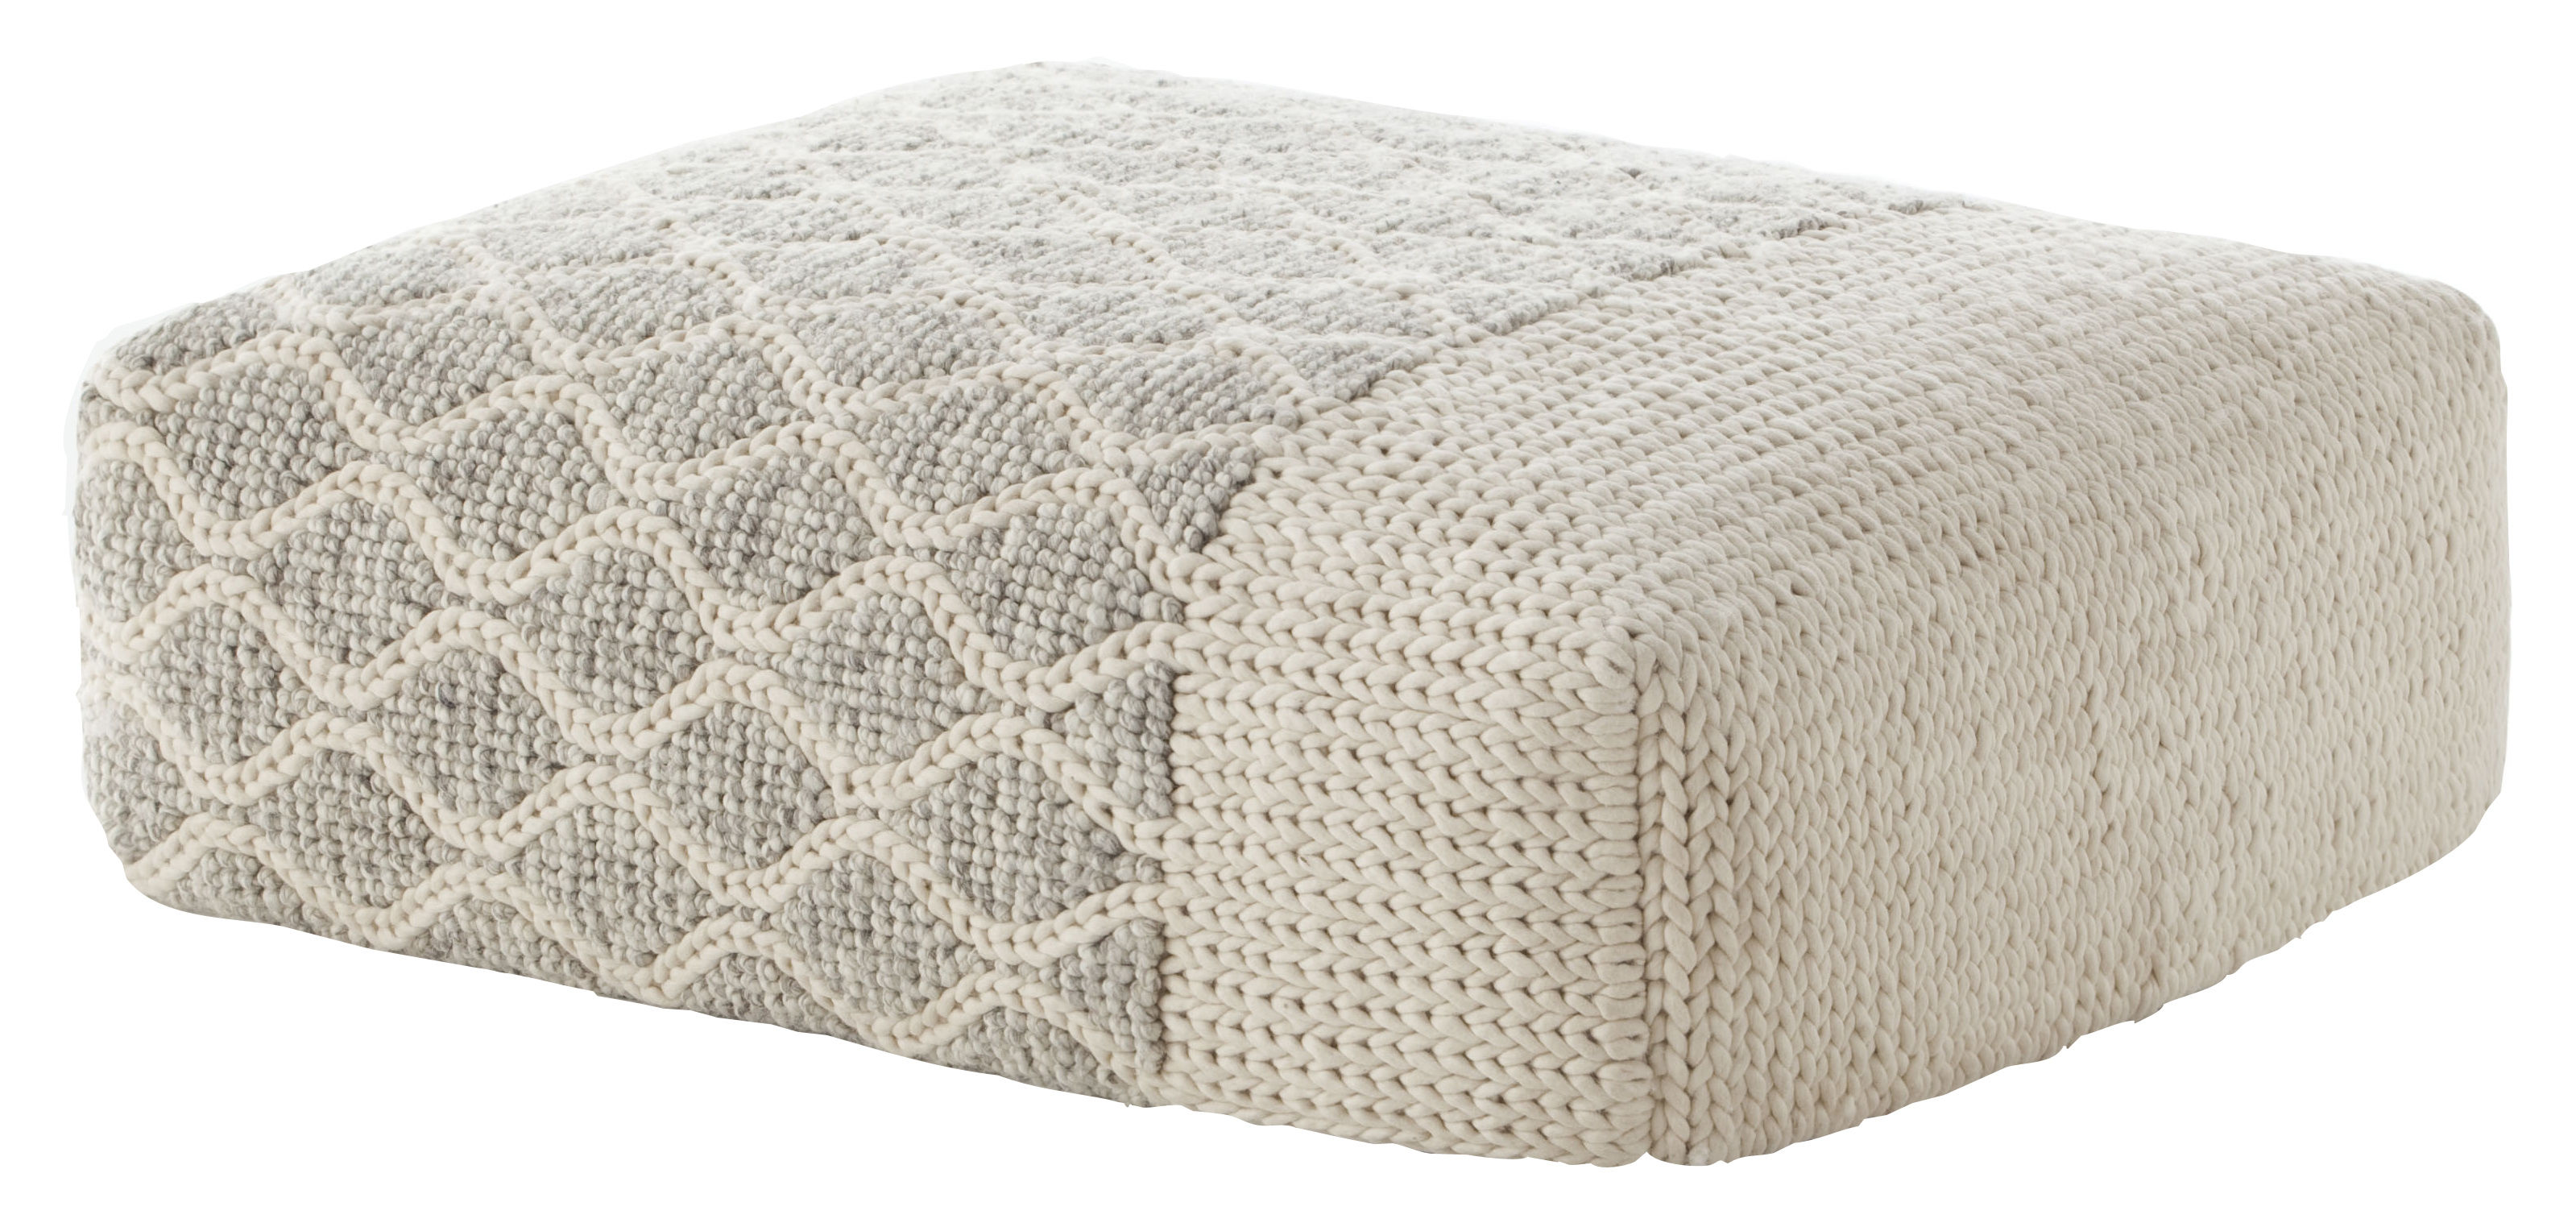 Möbel - Sitzkissen - Mangas Space Rhombus Sitzkissen / 120 x 90 x H 30 cm - Gan - Elfenbeinfarben - Laine vierge, Mousse caoutchouc